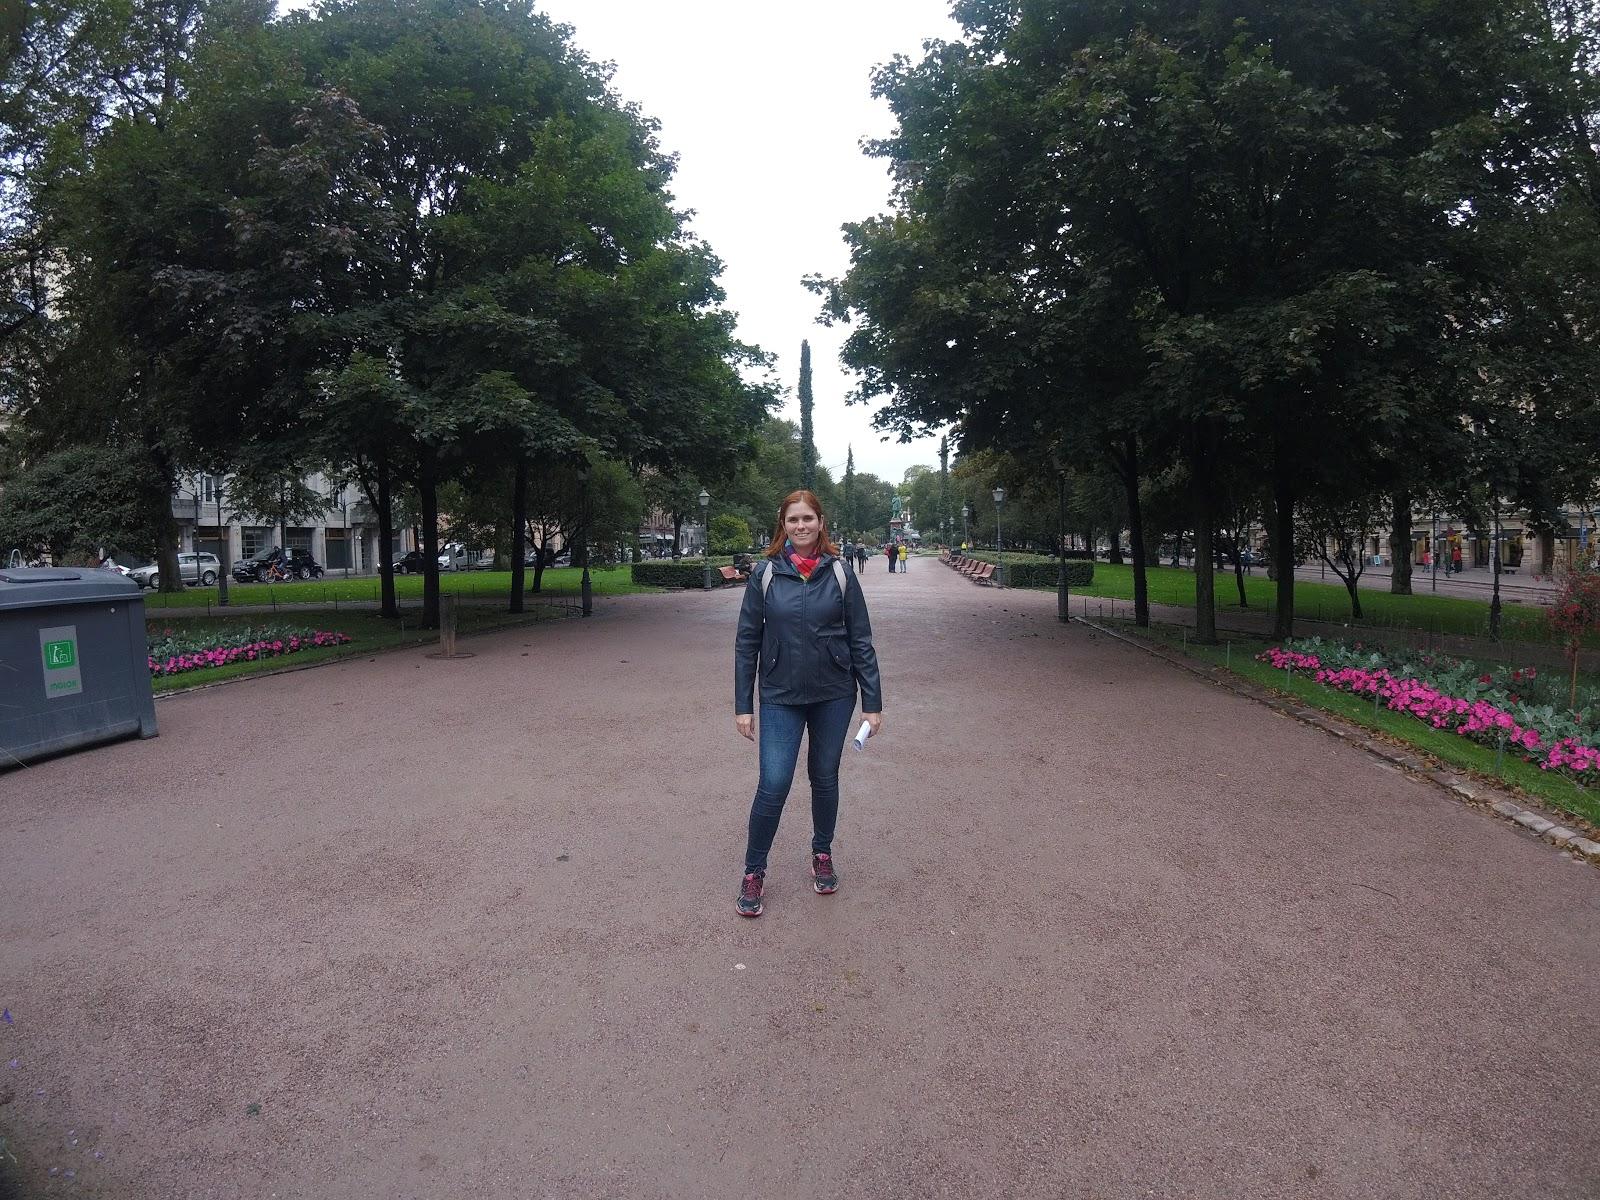 Parque Esplanadi